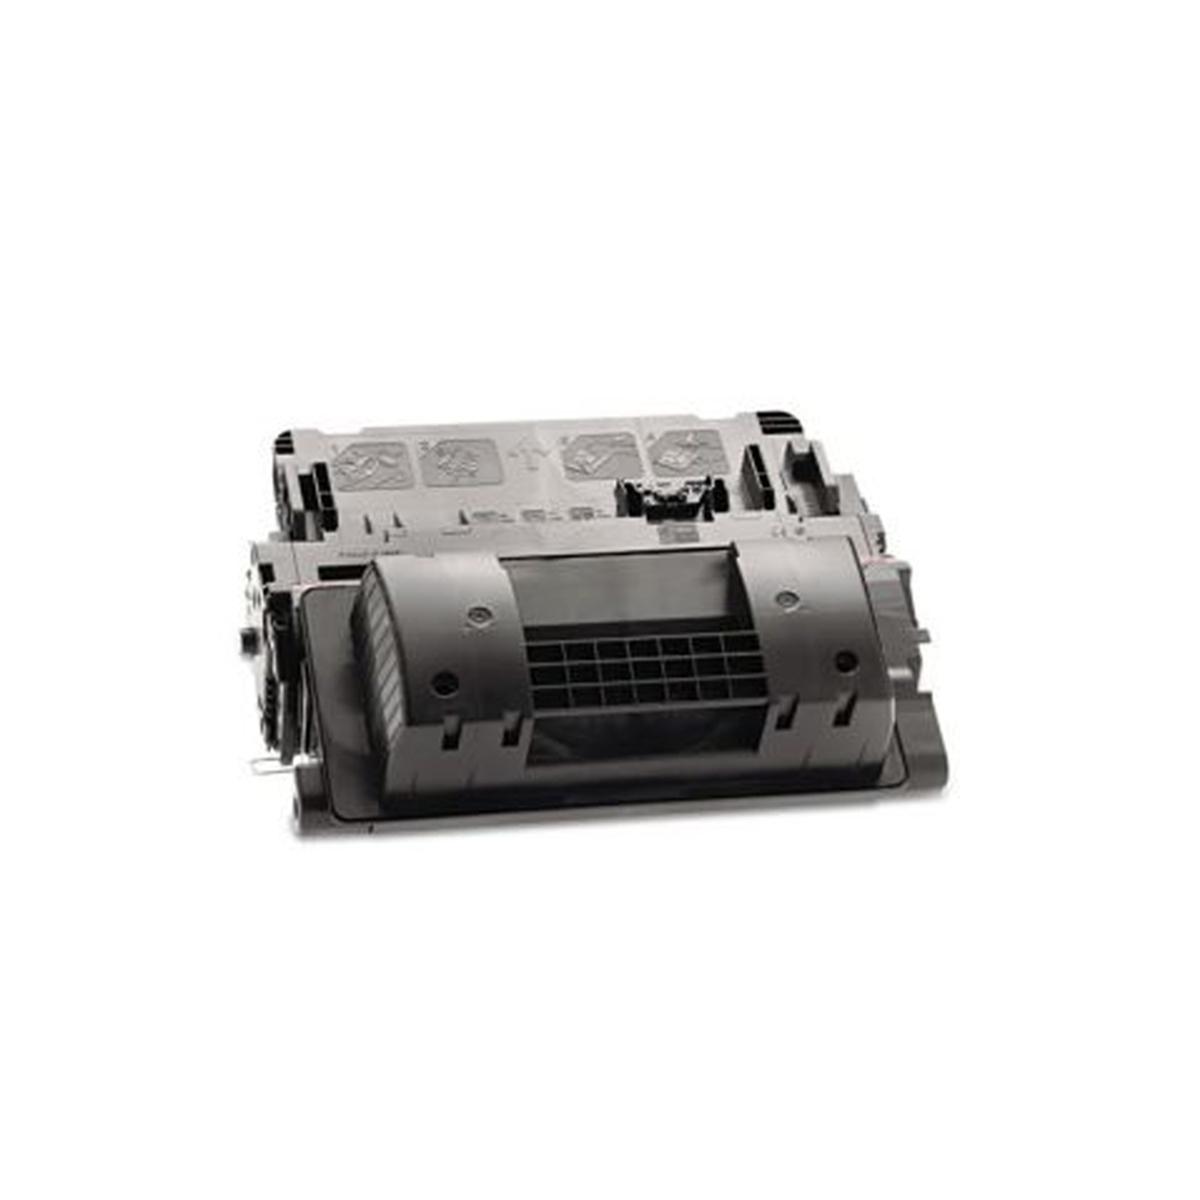 TONER HP CE390X COMPATÍVEL PREMIUM - Rendimento de até 24.000 impressões M-601, M-602, M602DN, M-602DN, M602N, M-602N, M602X, M-602X, M-603, M603DN, M-603DN, M603N, M-603N, M603XH, M-603XH, M-4555,